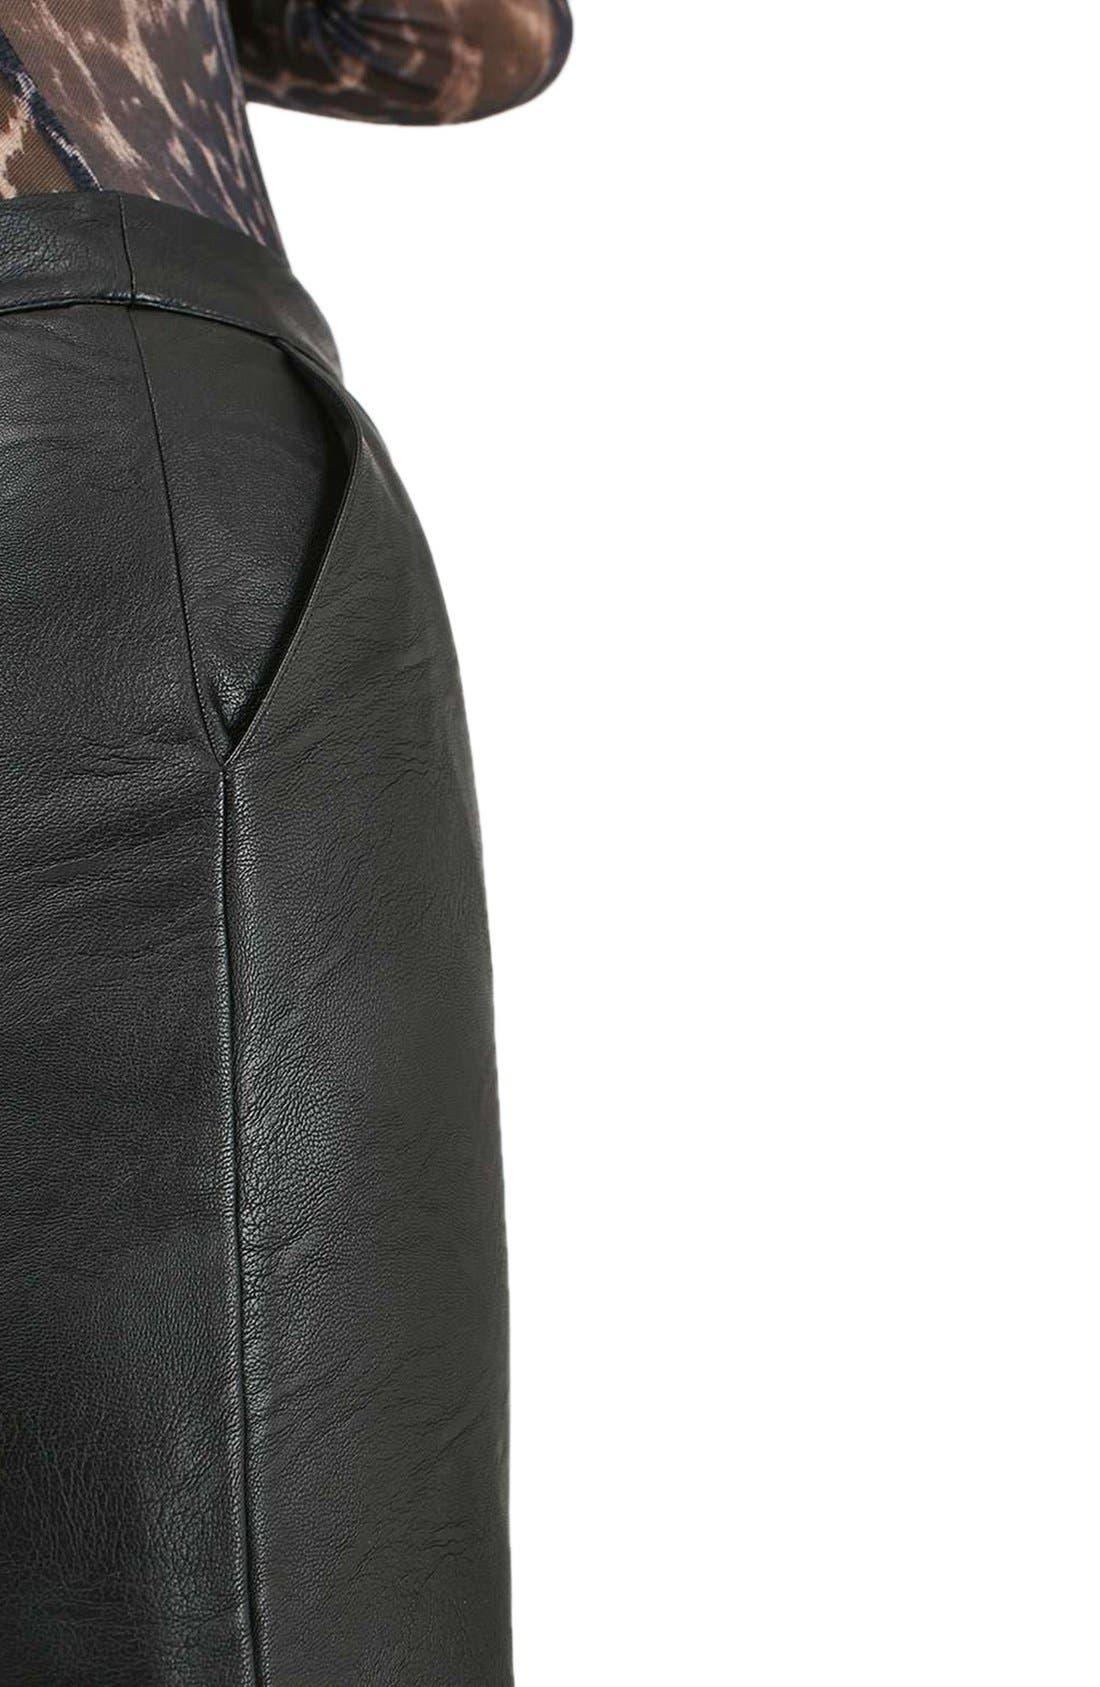 TOPSHOP, Faux Leather Pencil Skirt, Alternate thumbnail 6, color, 001